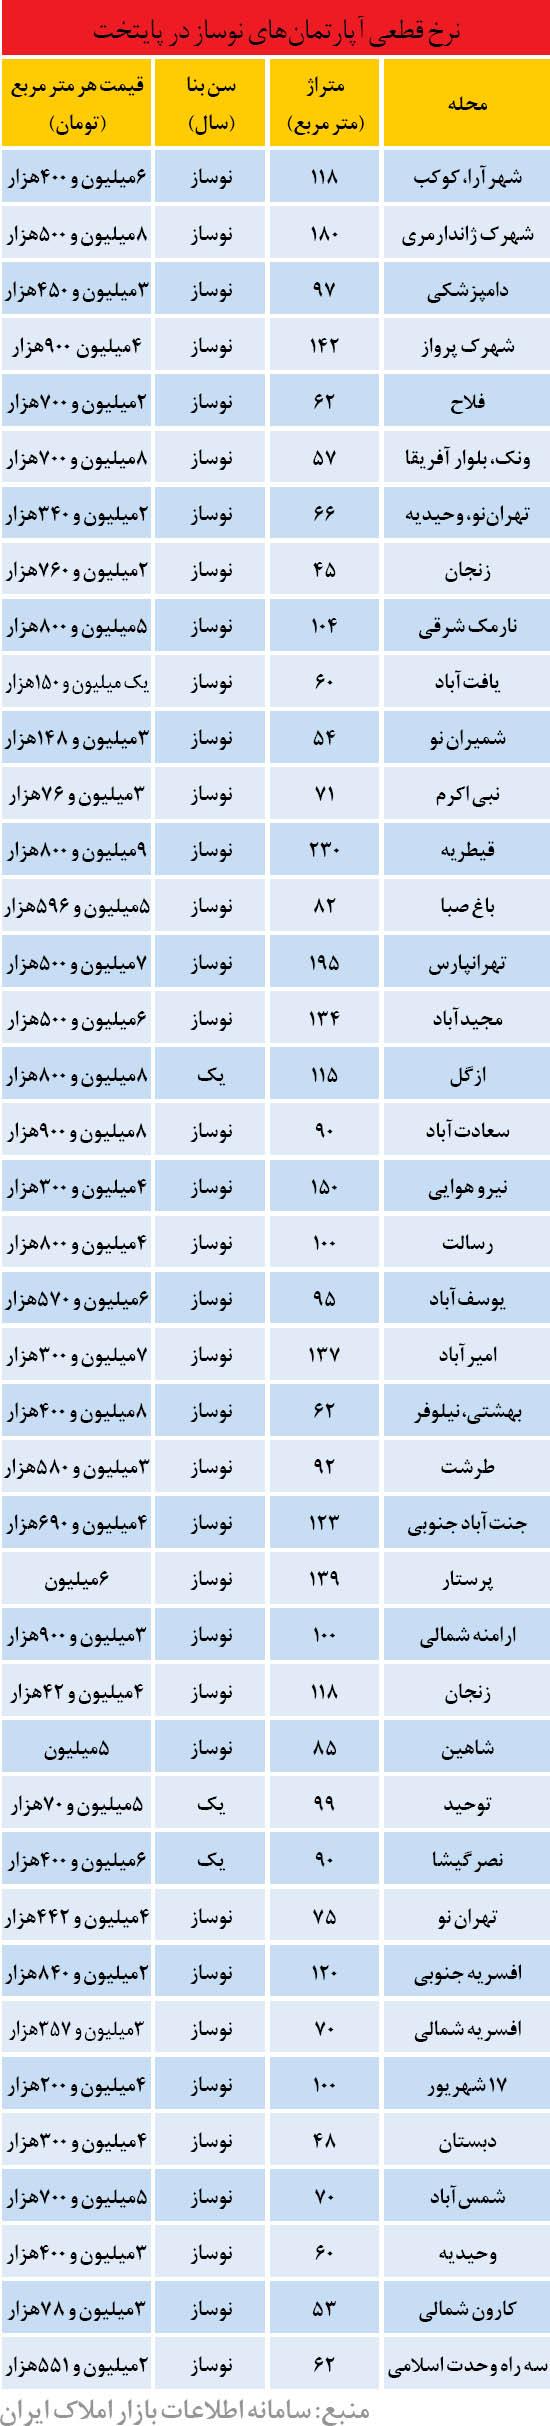 قیمت نوسازها در تهران (جدول)